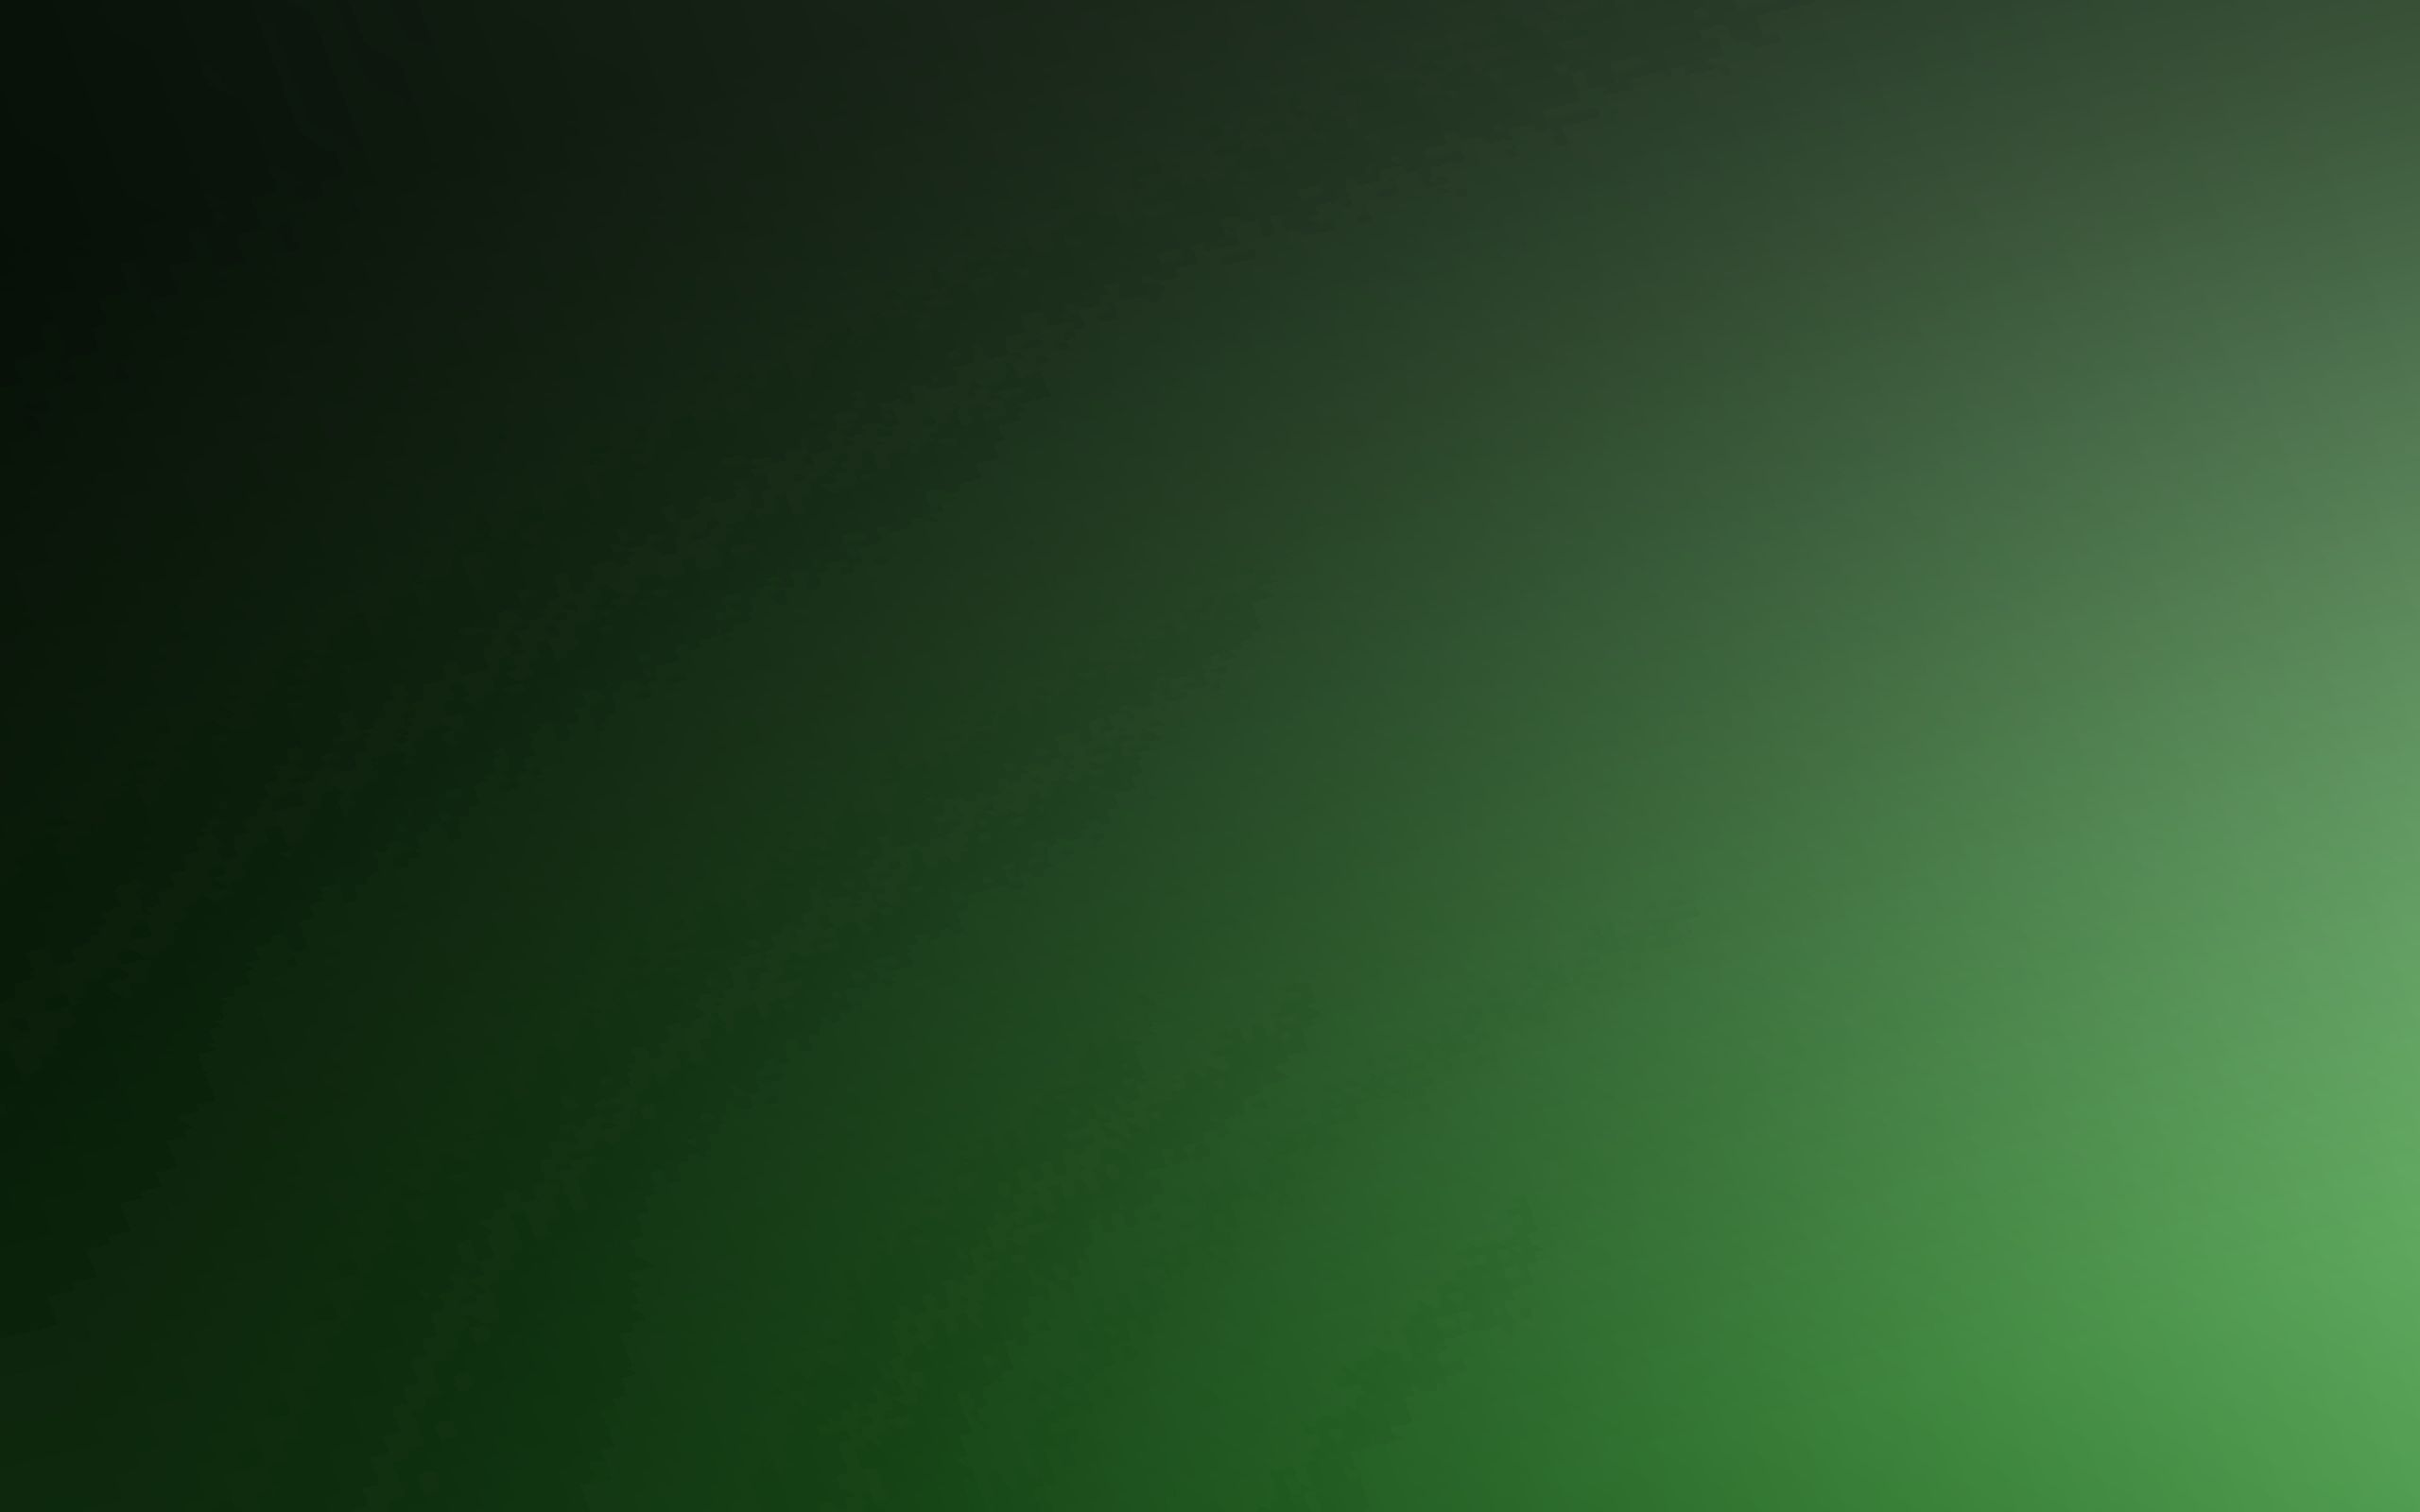 141973 скачать обои Фон, Сплошной, Текстура, Абстракция, Зеленый, Цвет - заставки и картинки бесплатно